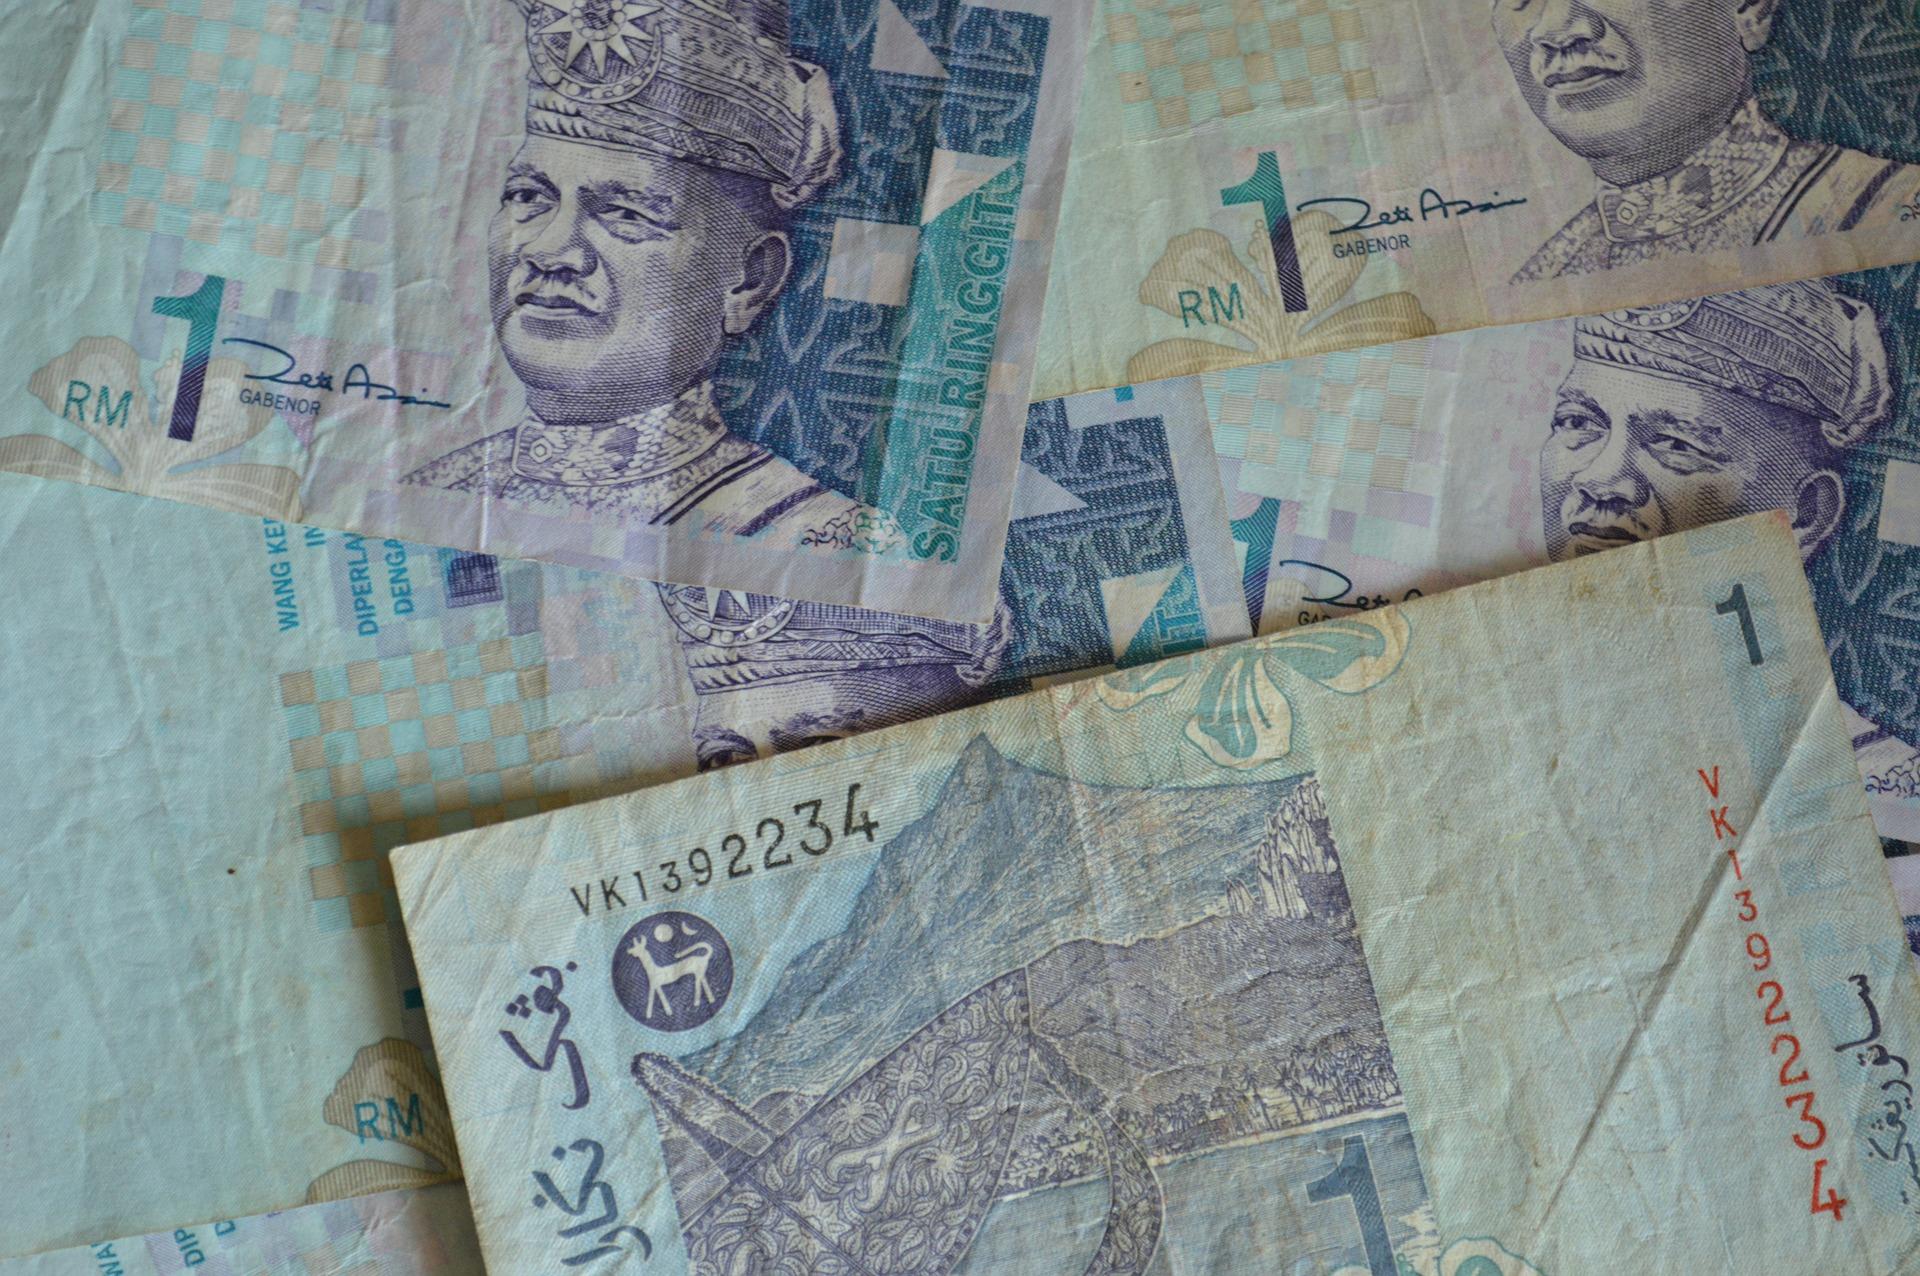 マレーシアの紙幣1リンギット札